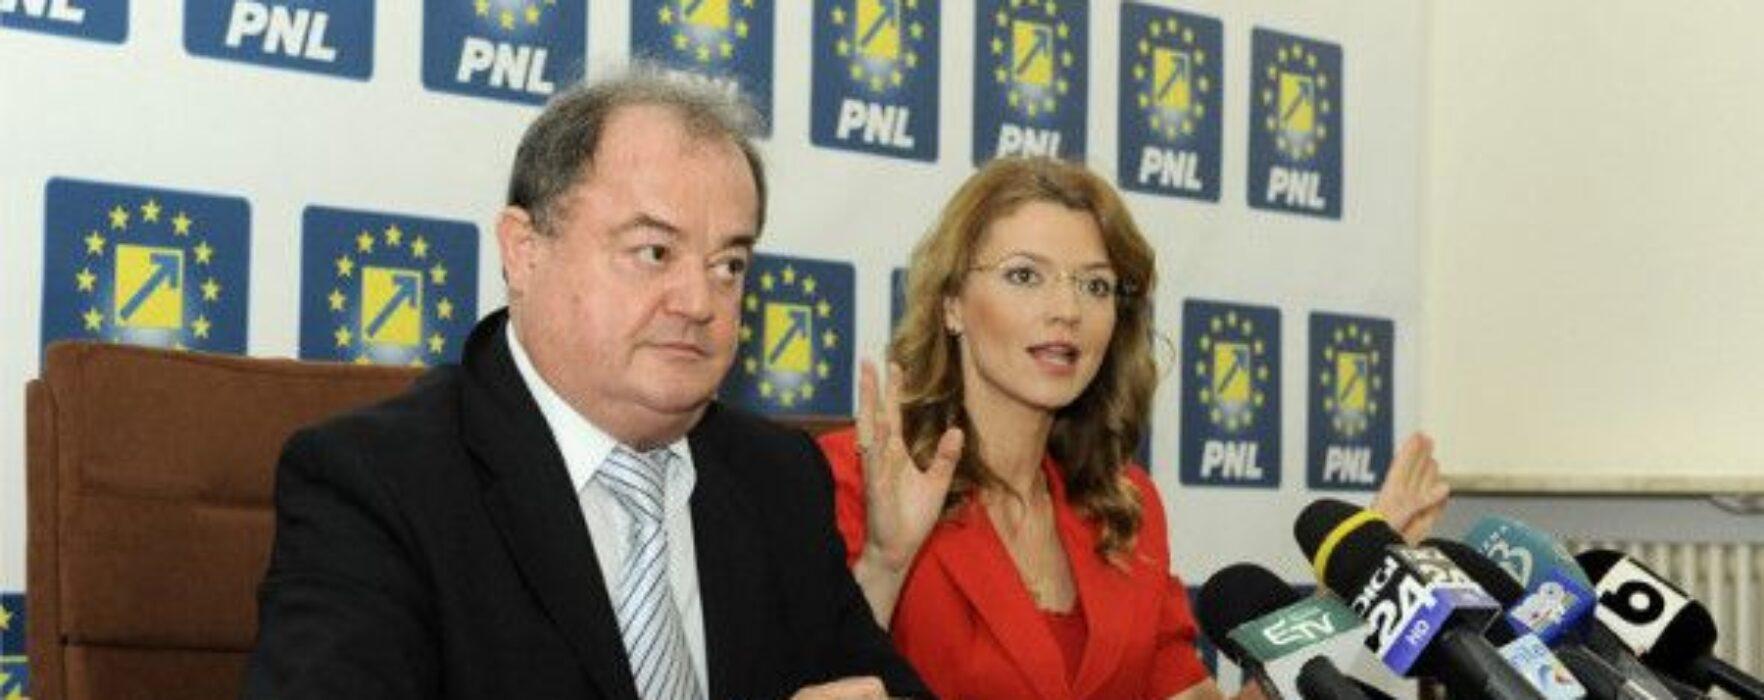 Copreşedinţii PNL Blaga şi Gorghiu, prezenţi vineri la Târgovişte